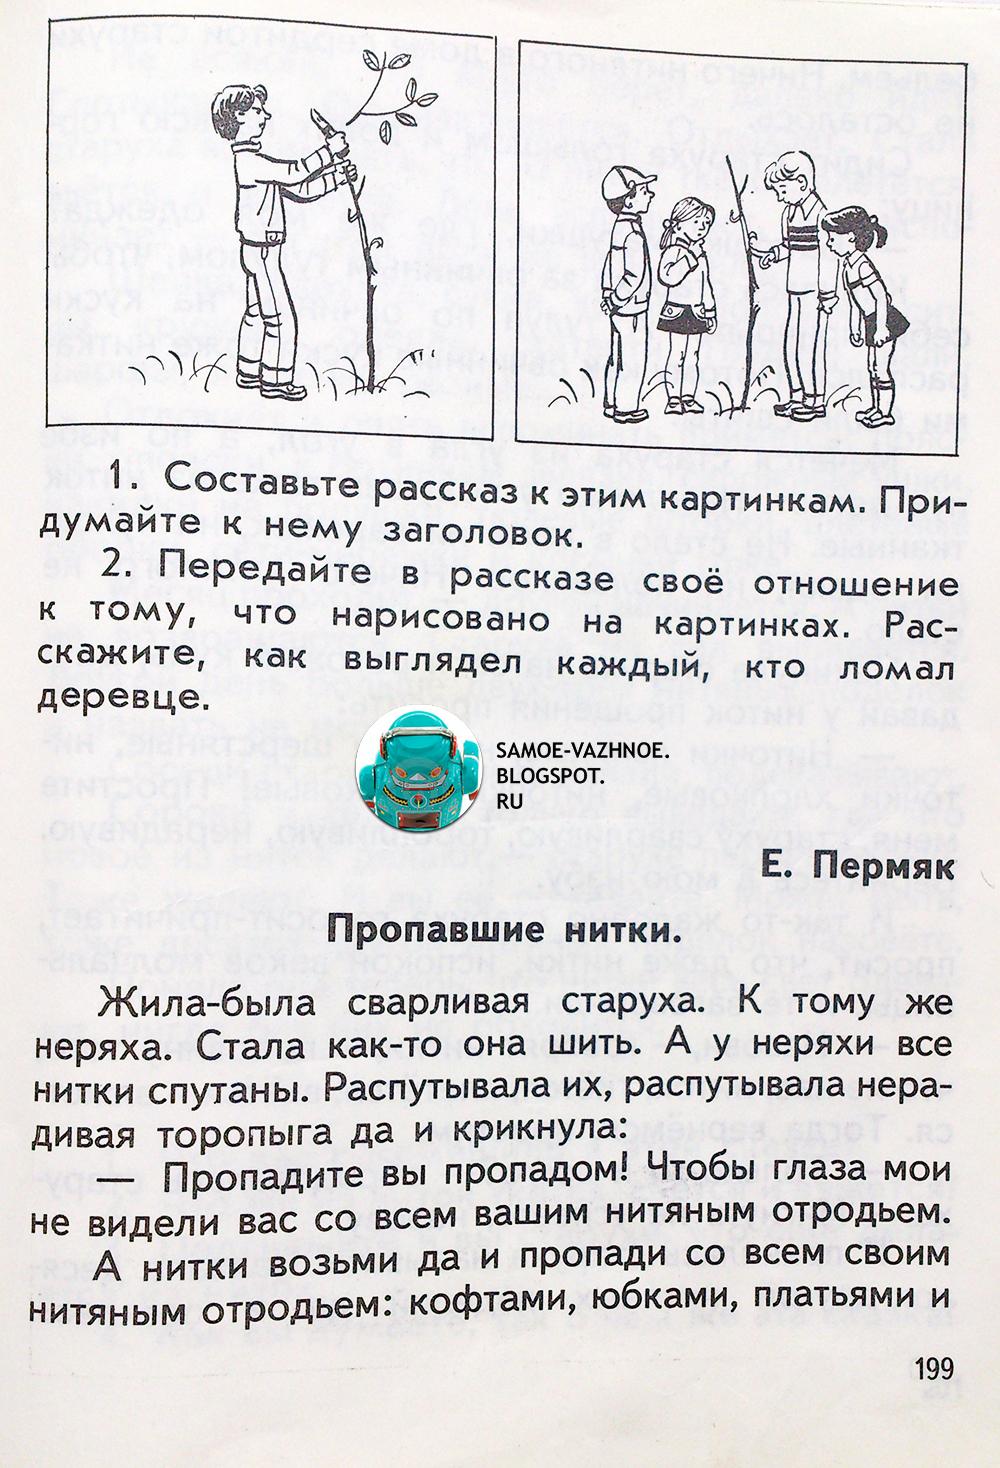 Учебник чтение первый класс 1990